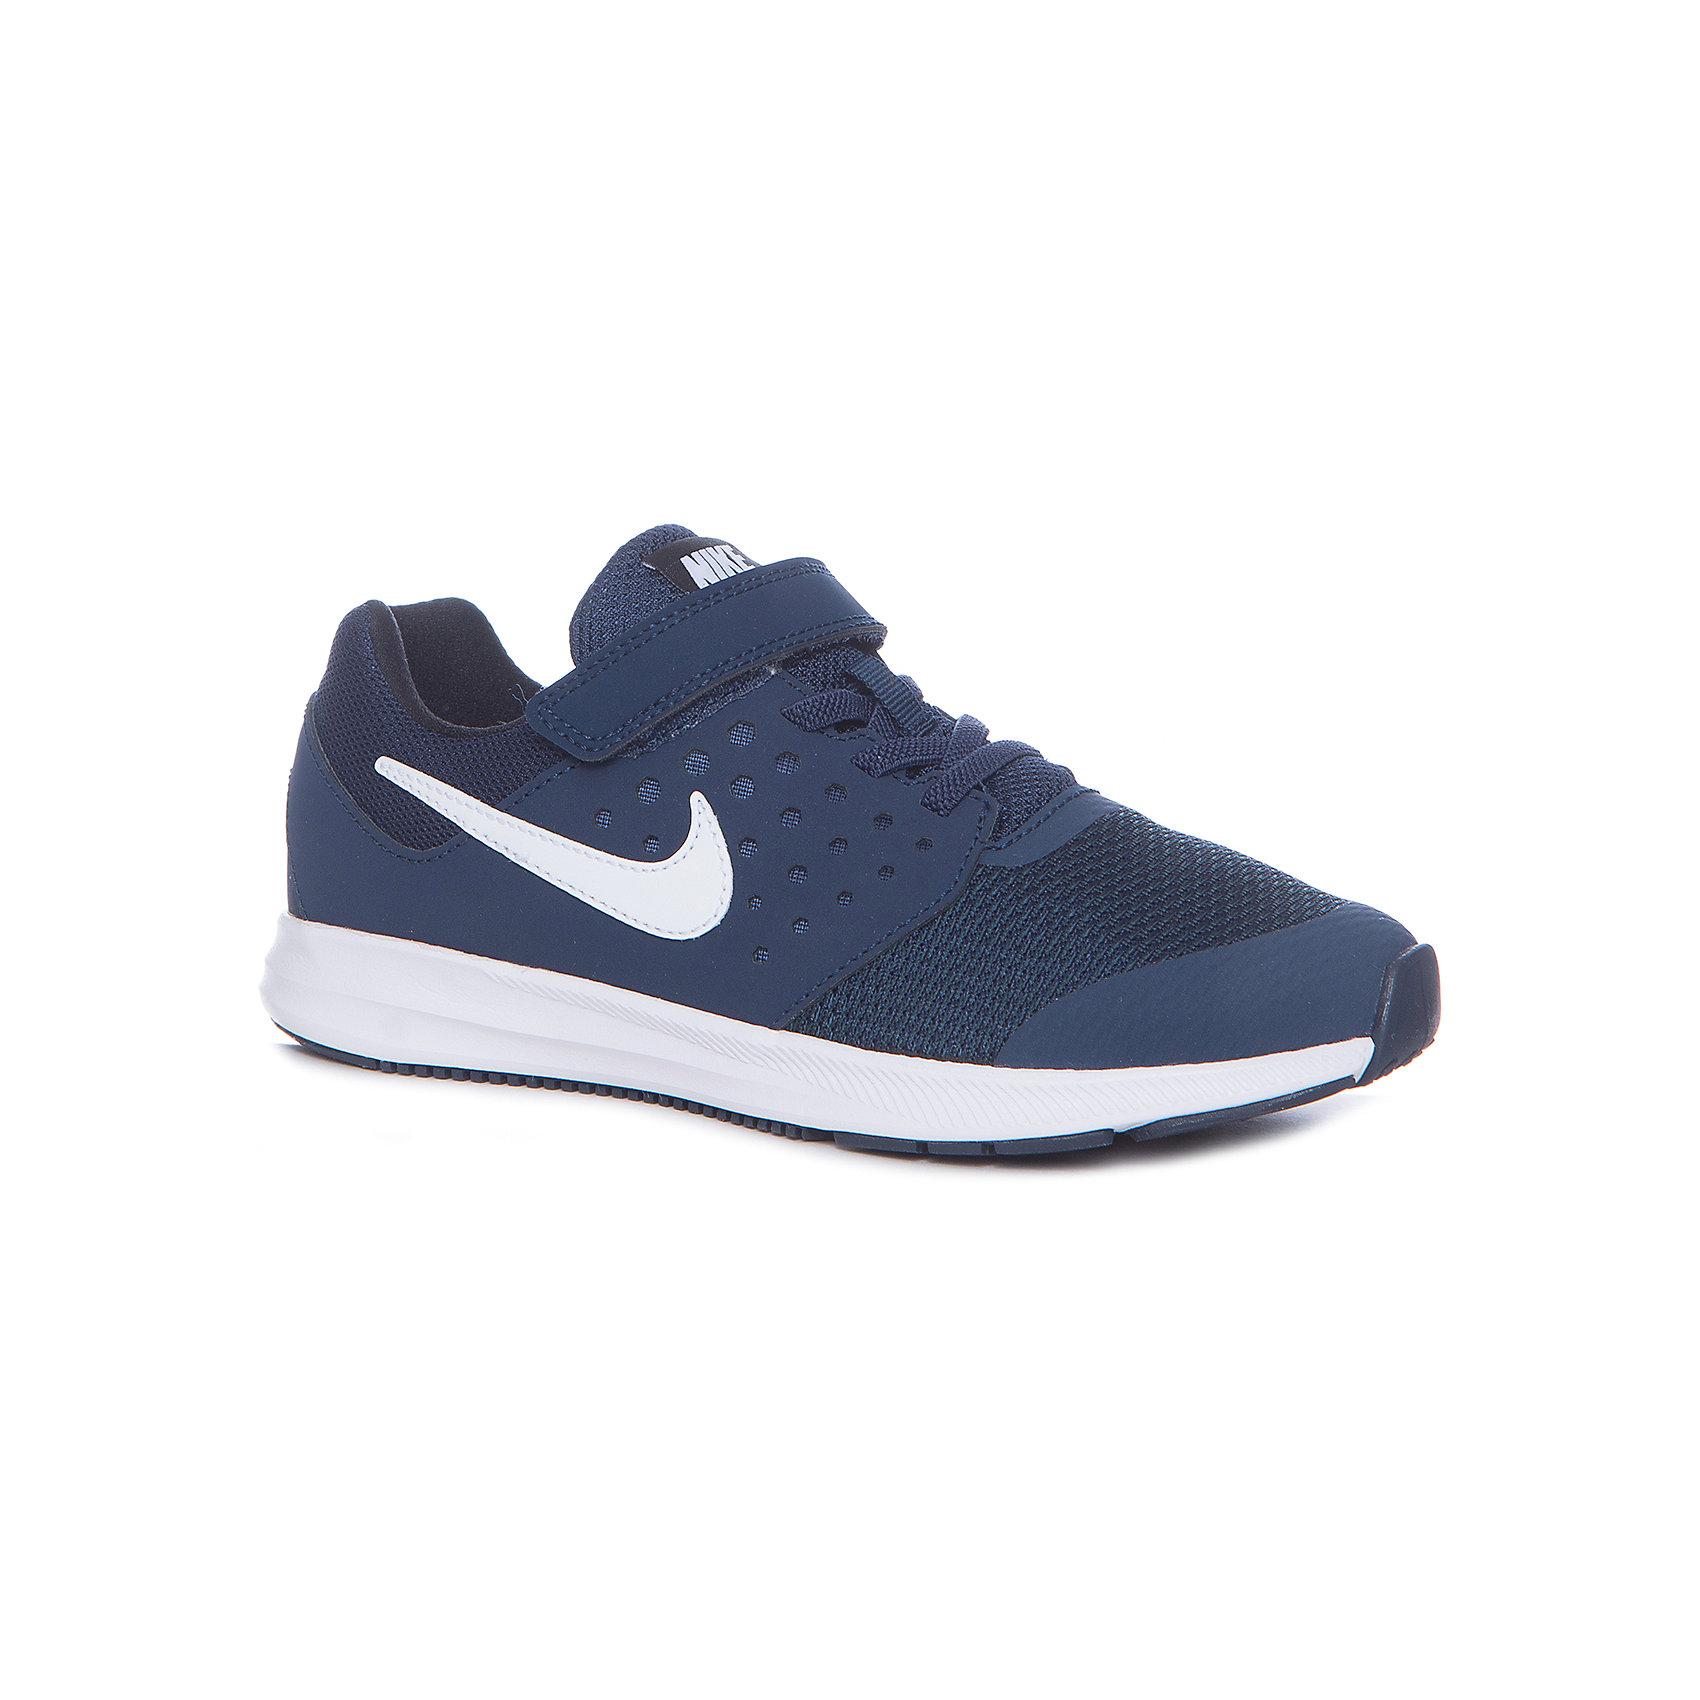 Кроссовки NIKEКроссовки<br>Кроссовки NIKE<br>Обувь спортивная Nike Downshifter 7. Промежуточная подошва из материала Phylon обеспечивает хорошую амортизацию. Канавки Flex Grooves позволяют обуви легко сгибаться, даря свободу и естественность движений. Подошва из износостойкой резины для отличного сцепления с поверхностью. Бесшовная конструкция для комфорта и поддержки ноги. Легкий сетчатый верх гарантирует превосходный воздухообмен.<br>Состав:<br>верх: кожа 48%, текстиль 36%,, синт.кожа 16%, внутри: текстиль 100%,, подошва: резина 90%, пластик 10%<br><br>Ширина мм: 250<br>Глубина мм: 150<br>Высота мм: 150<br>Вес г: 250<br>Цвет: синий<br>Возраст от месяцев: 36<br>Возраст до месяцев: 48<br>Пол: Унисекс<br>Возраст: Детский<br>Размер: 26.5,31,34,33.5,33,32,31.5,30,29,28.5,28,27.5<br>SKU: 6772147